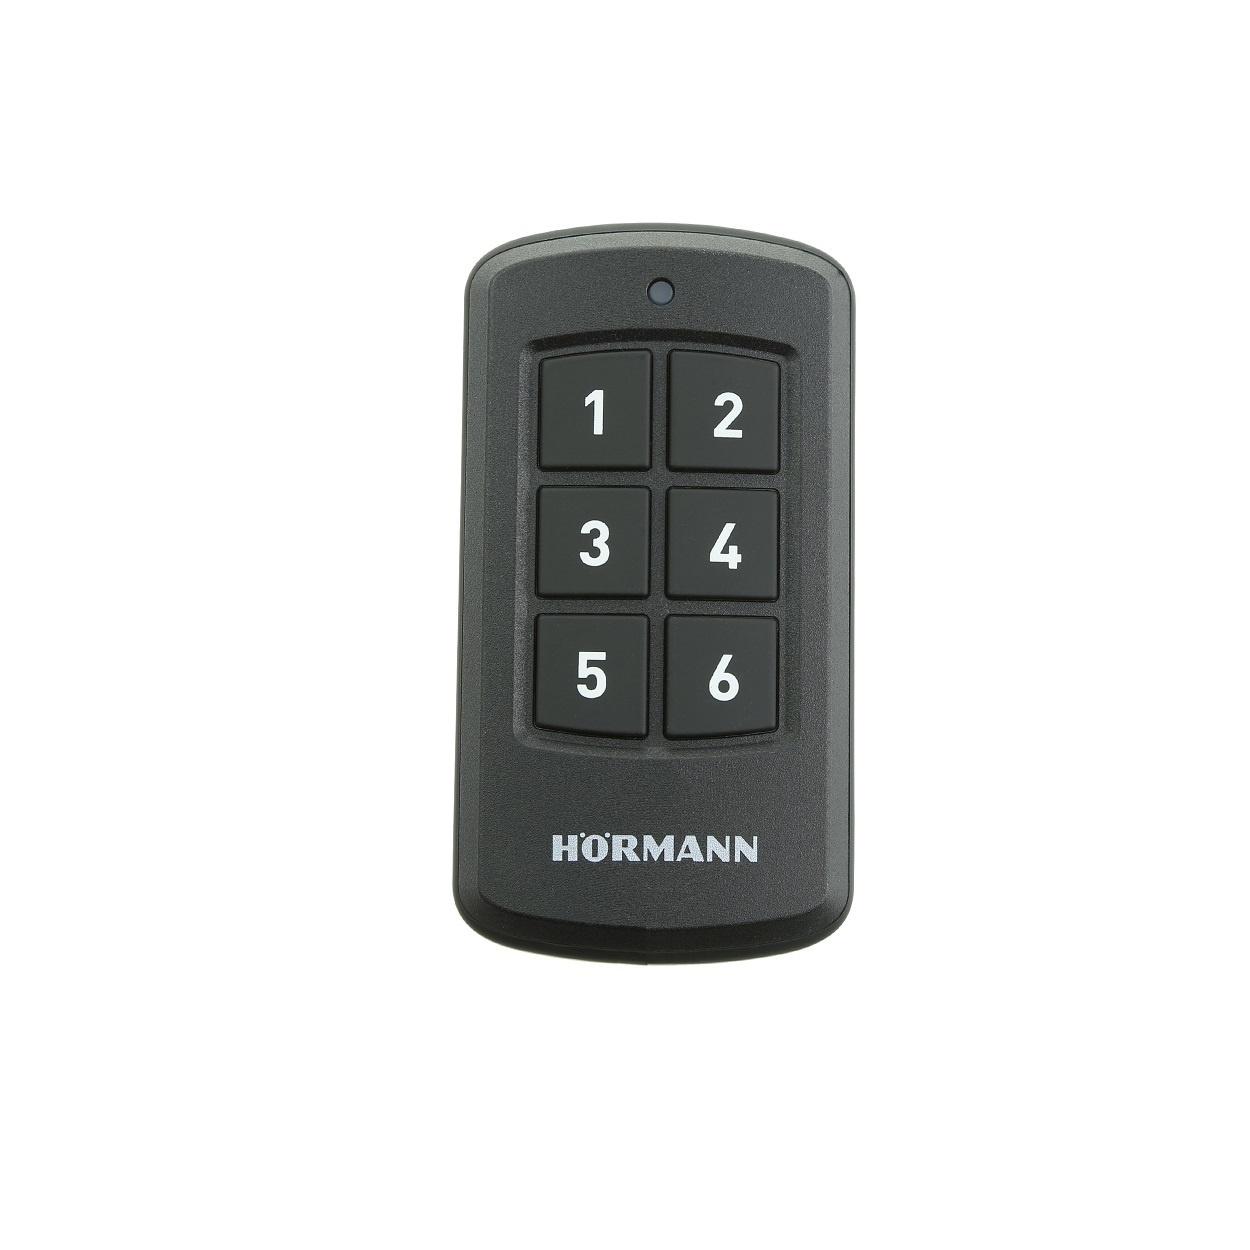 Hormann HSI 6 BiSecur Industriële handzender